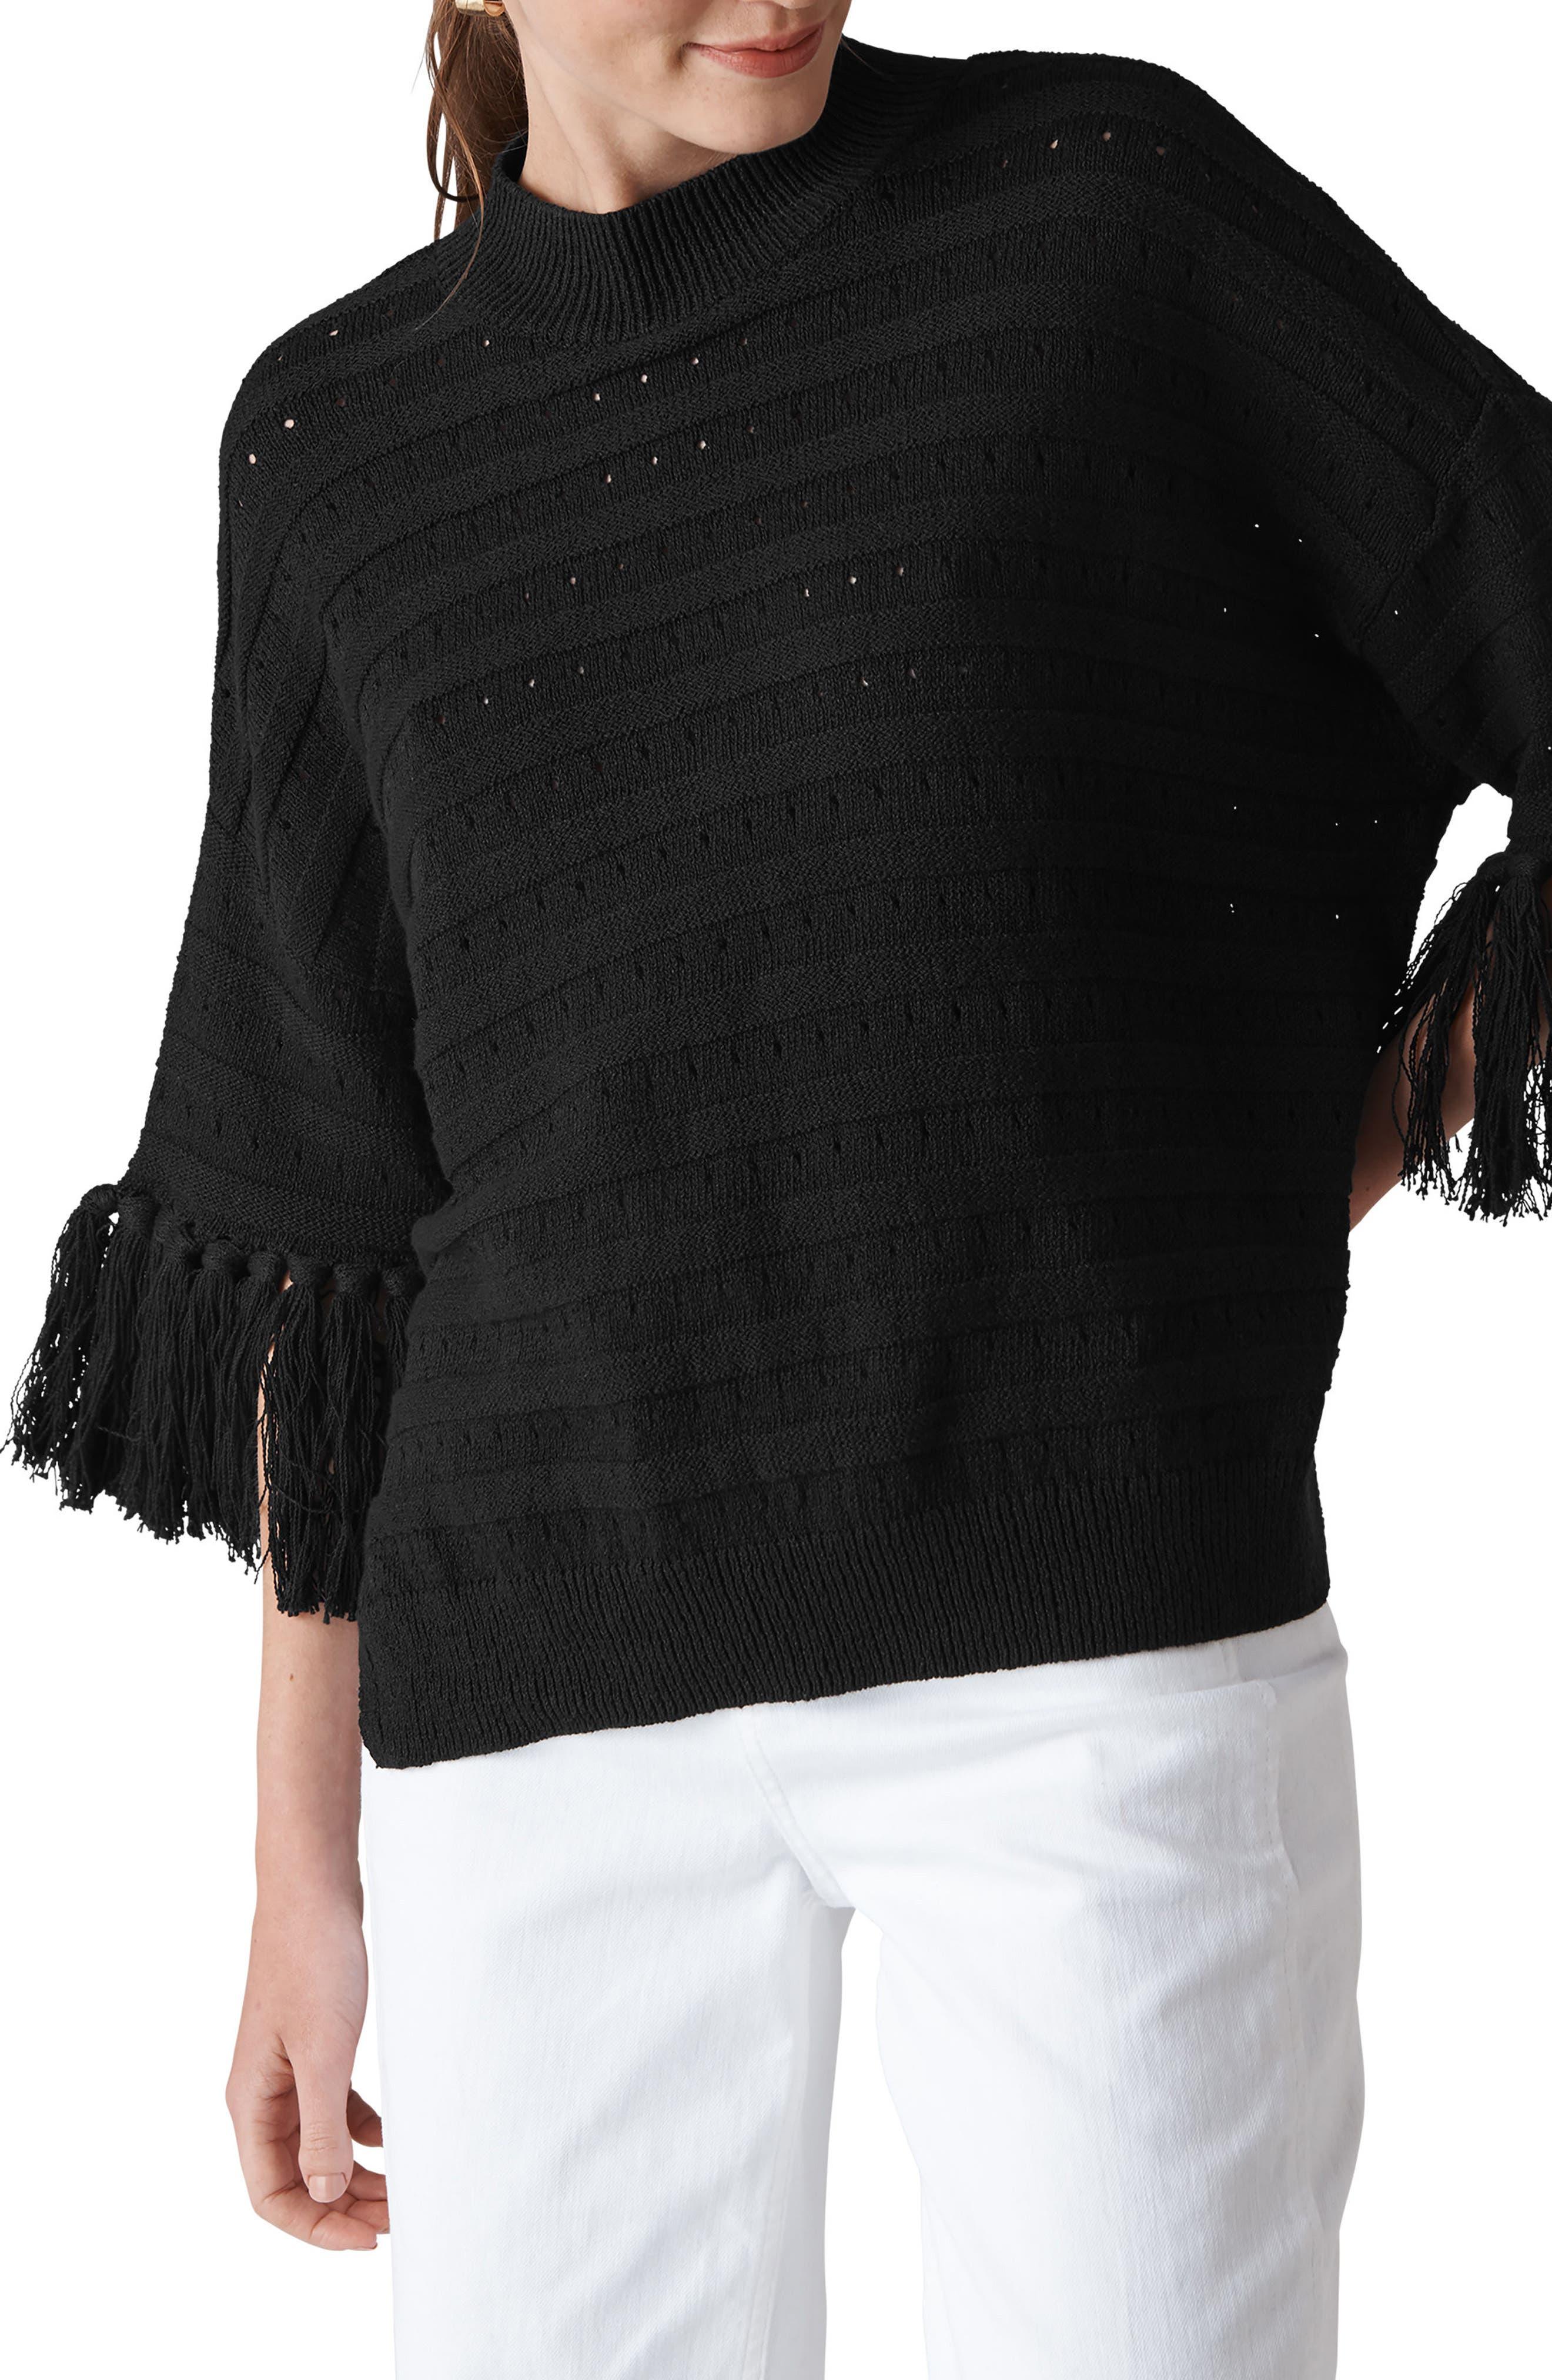 Fringe Detail Knit Top, Main, color, 001